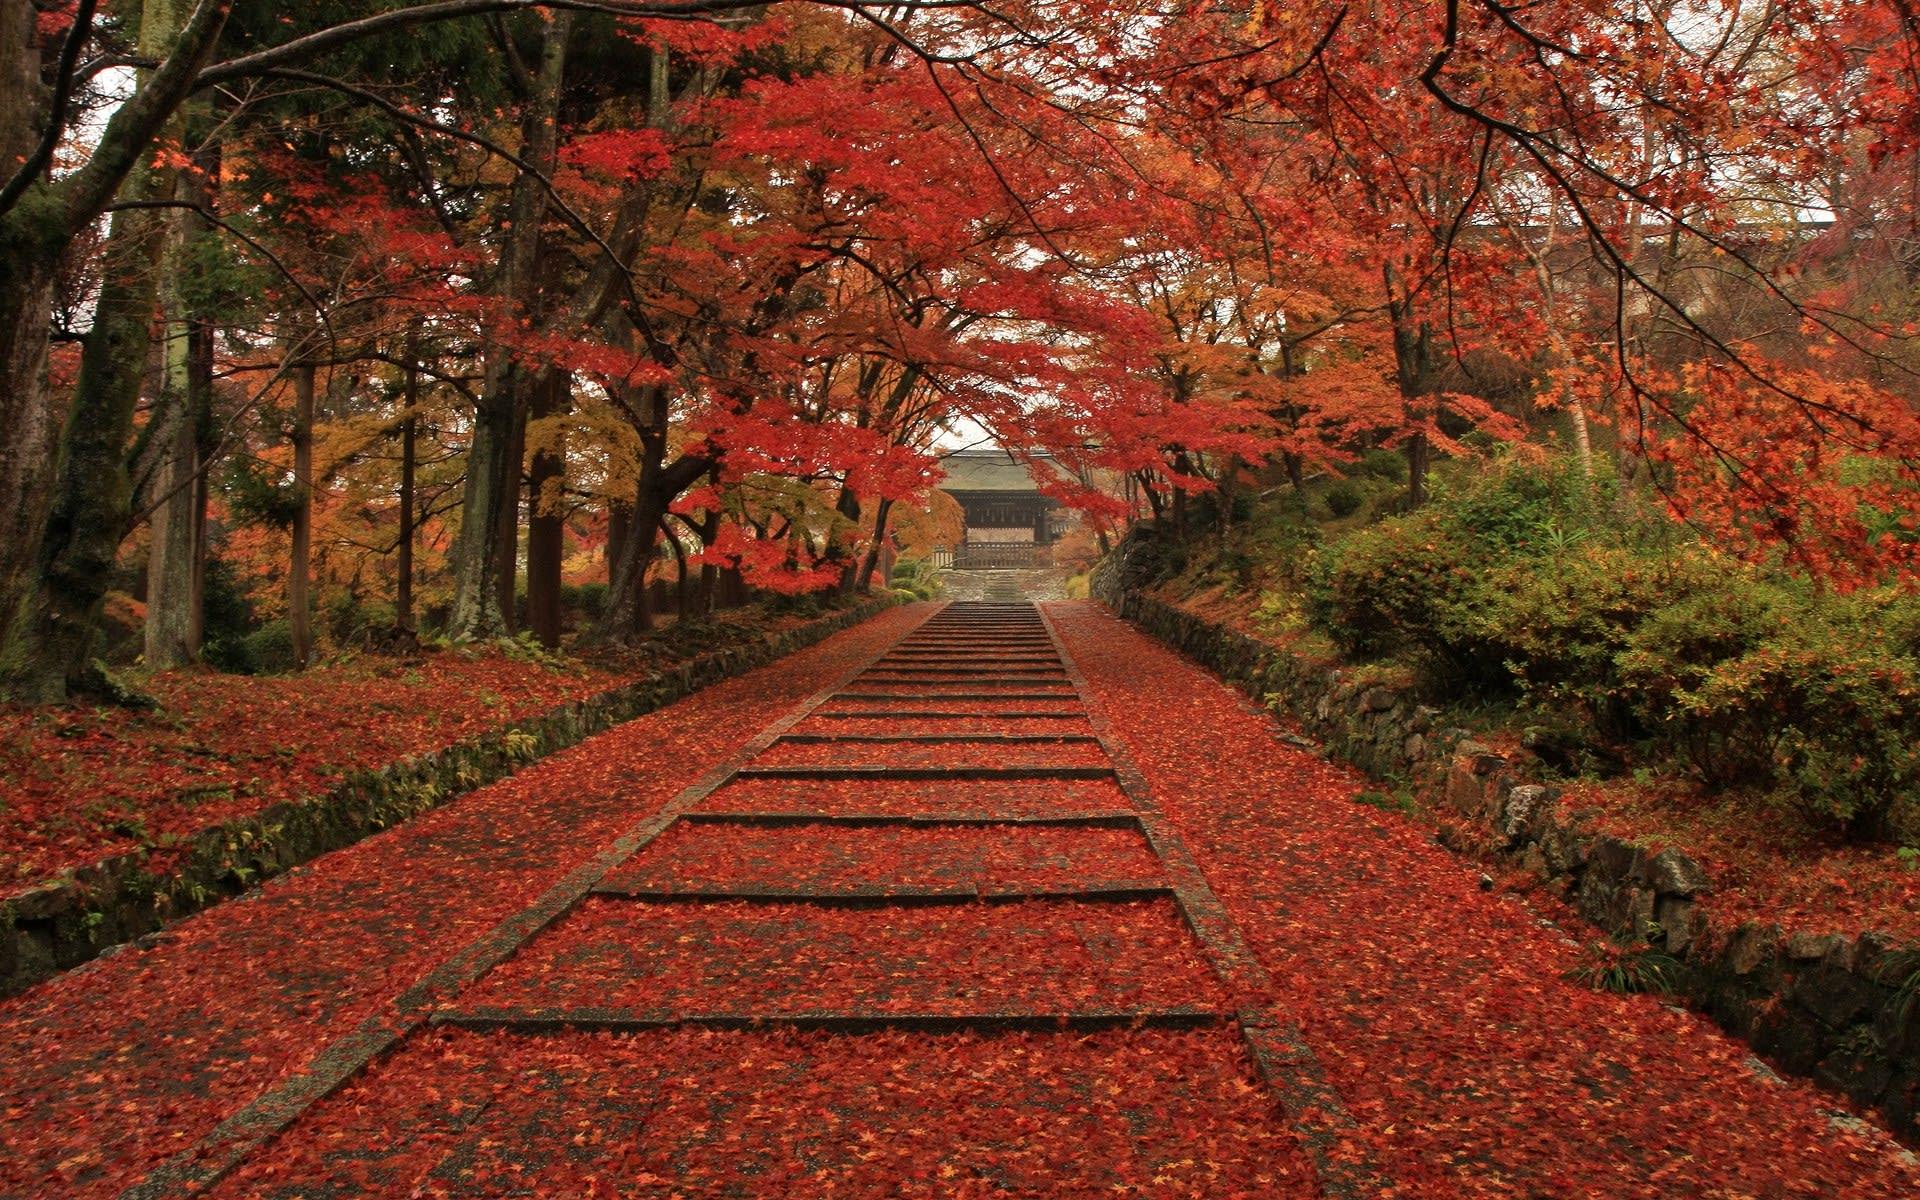 京都毘沙門堂の紅葉の壁紙